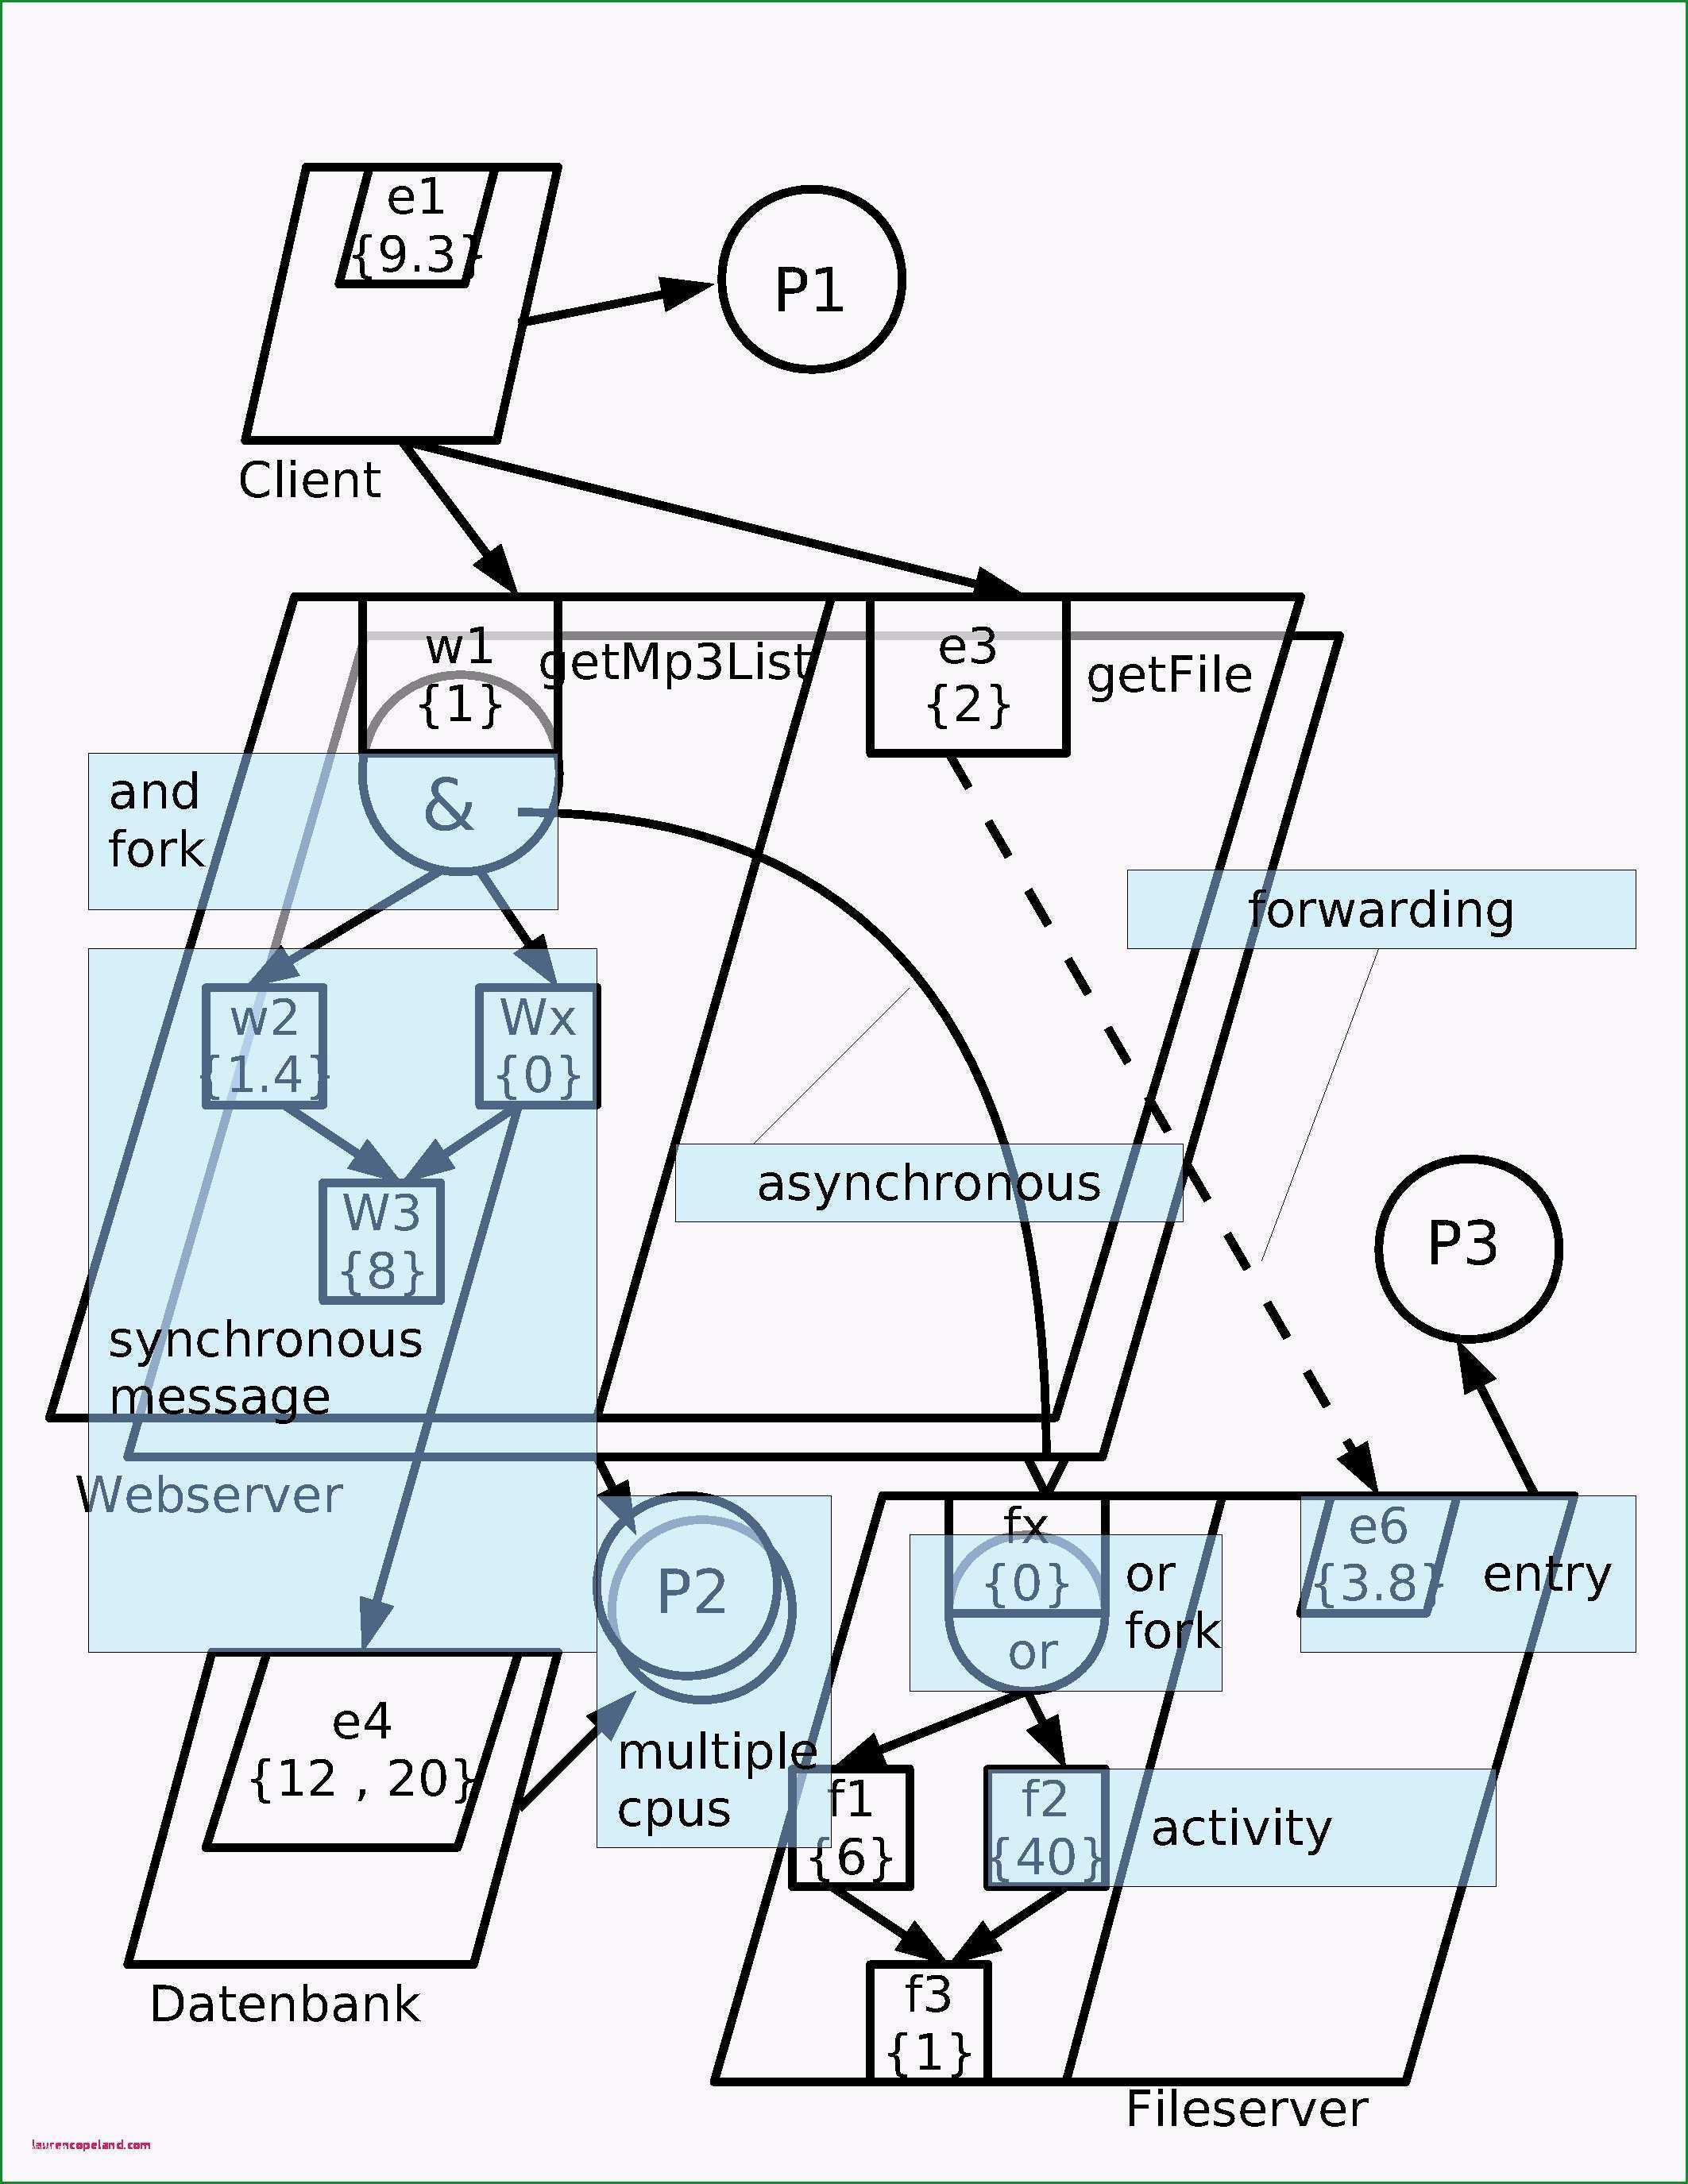 risikomatrix vorlage excel oder 44 iso 9001 2015 risikobewertung vorlage laurencopeland